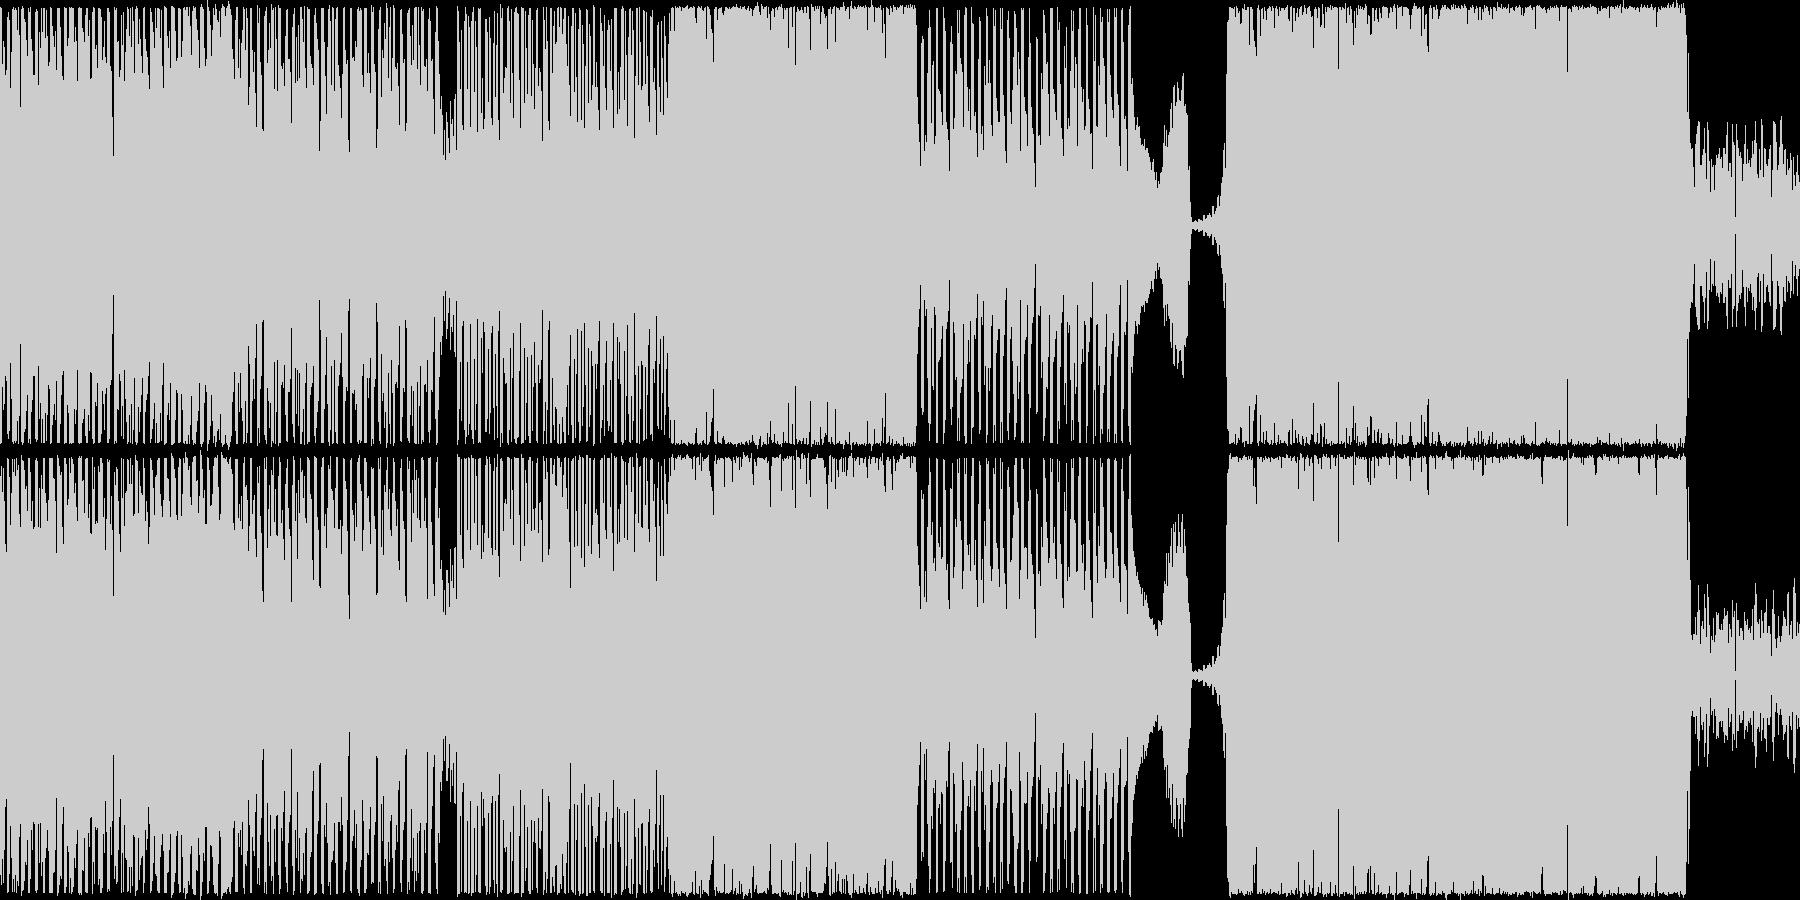 【ループ仕様】スピード感重視のバトル曲の未再生の波形